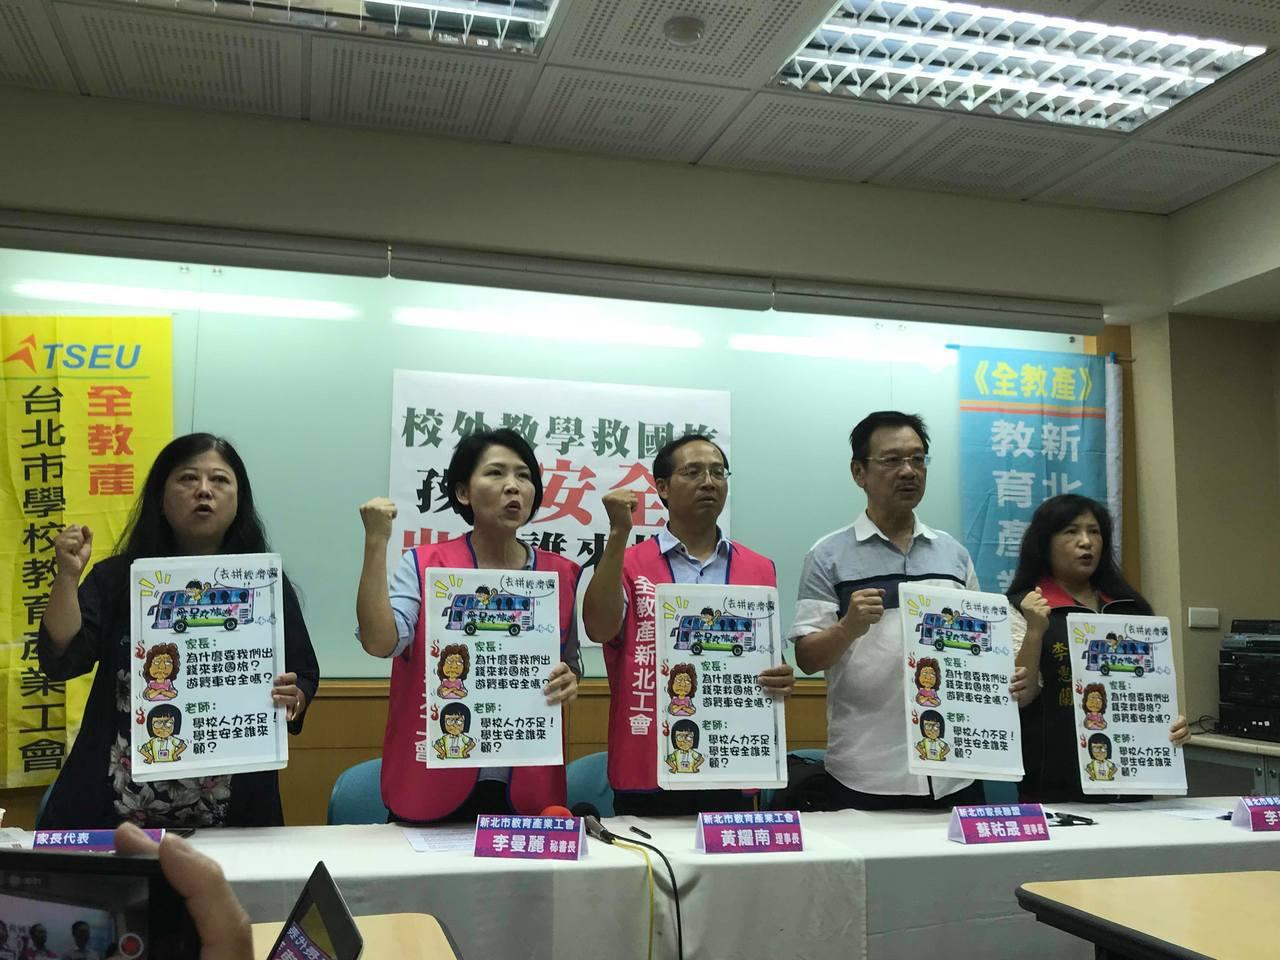 雙北教師團體和家長反對將校外教學淪為救國內旅遊的工具。記者林麒瑋/攝影